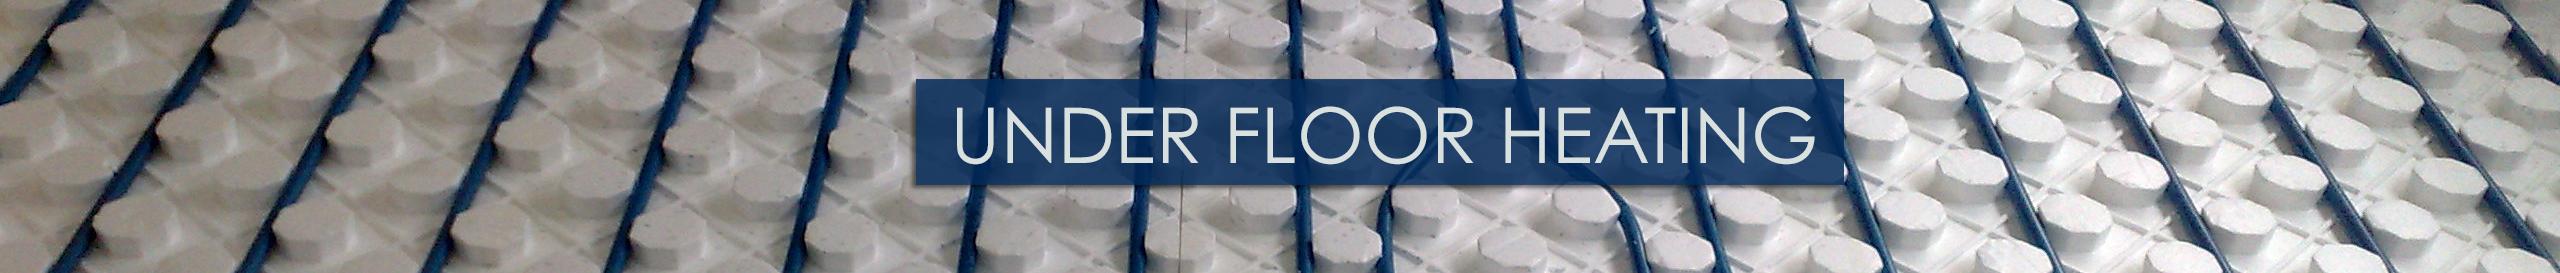 Under Floor Tile Heating